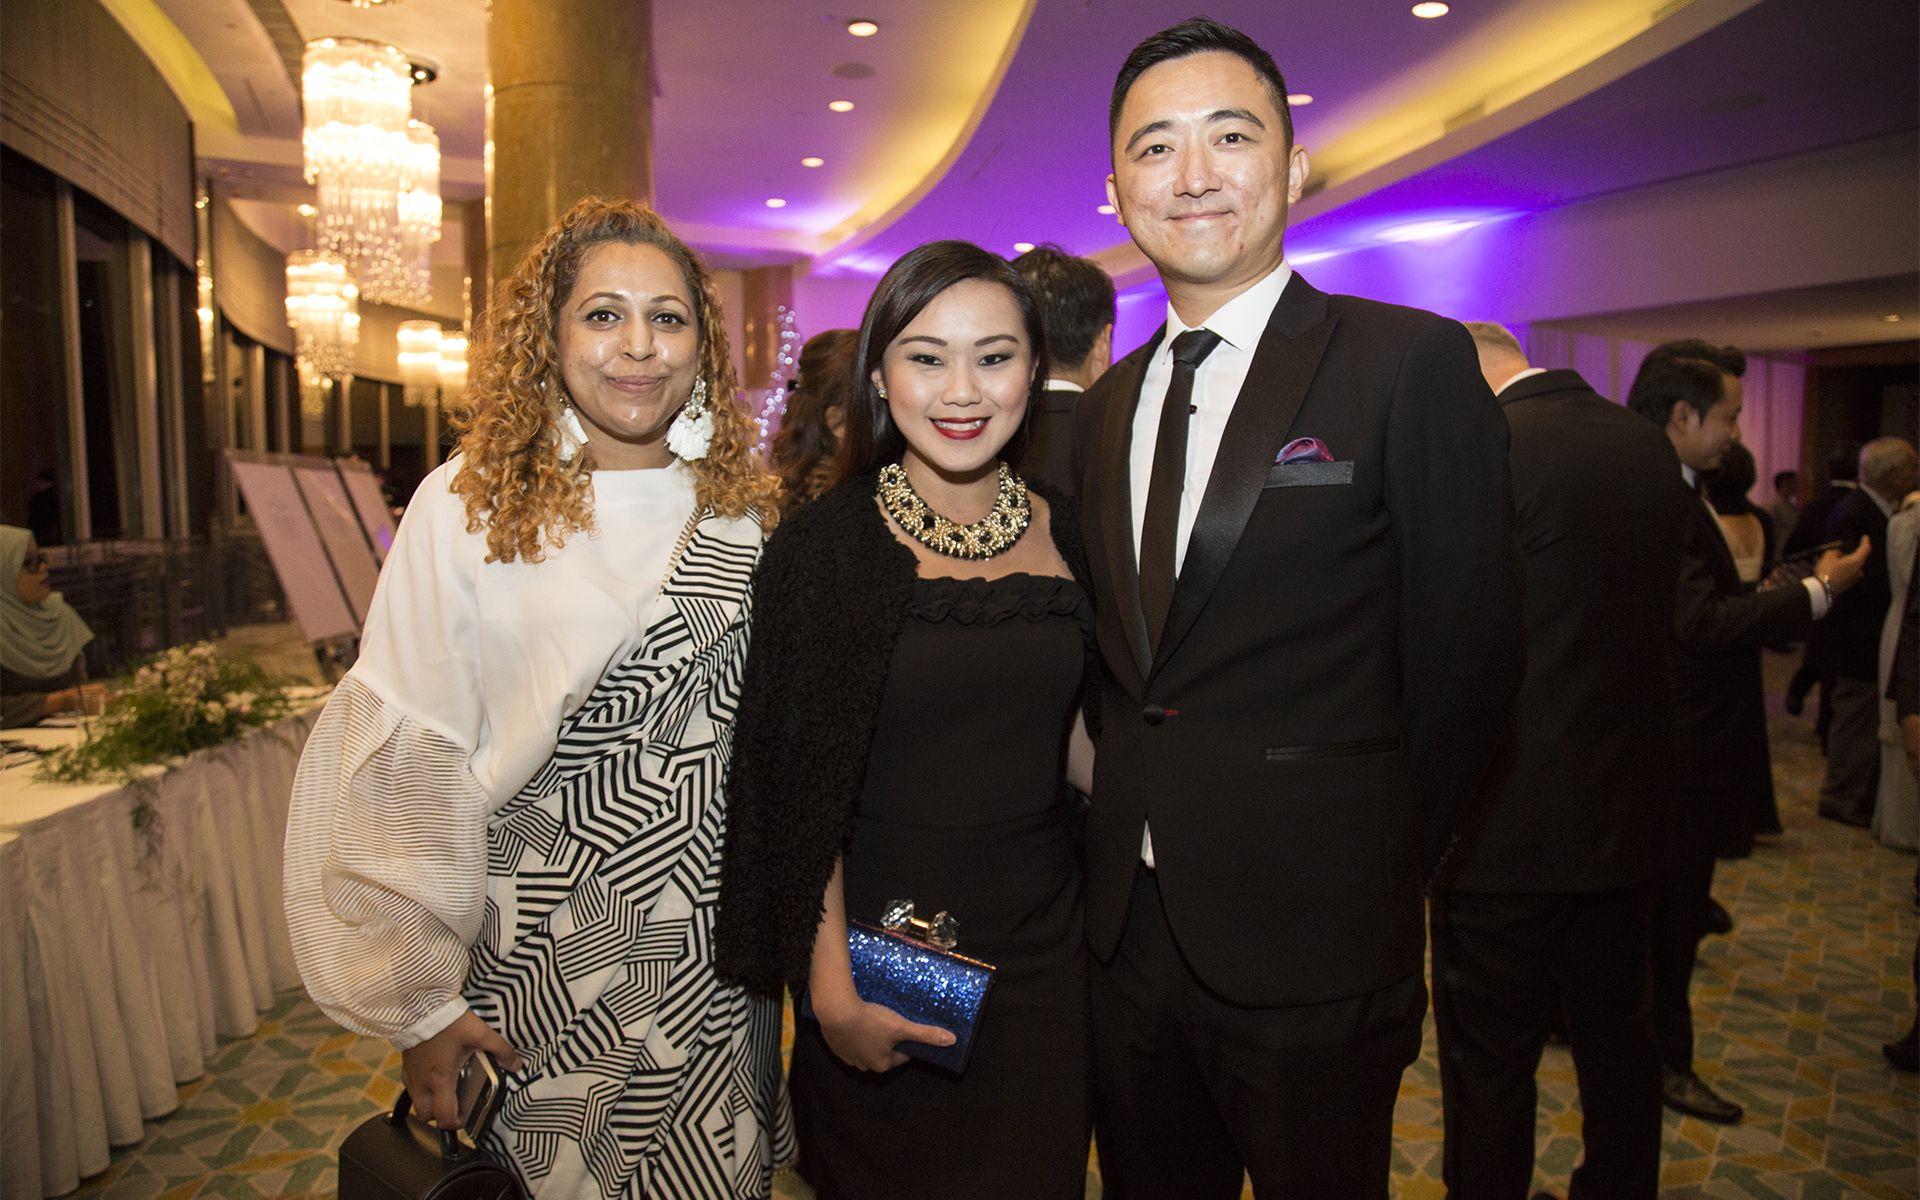 Bavani Veeriah, Adeline Choong and Charlie Choong